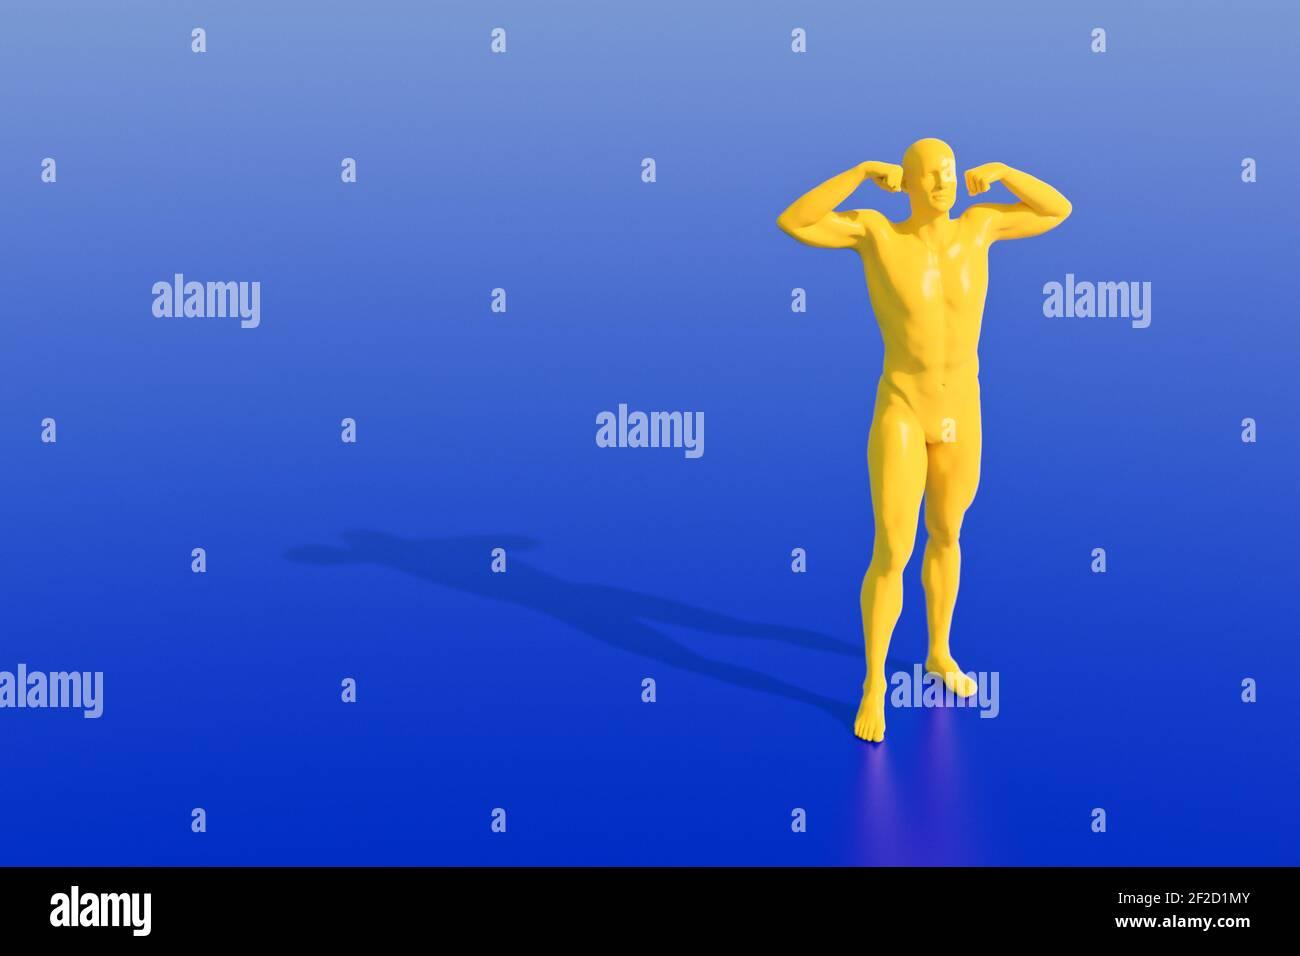 Figure mâle jaune contre fond bleu chiffres CGI sans MR/PR obligatoire Banque D'Images